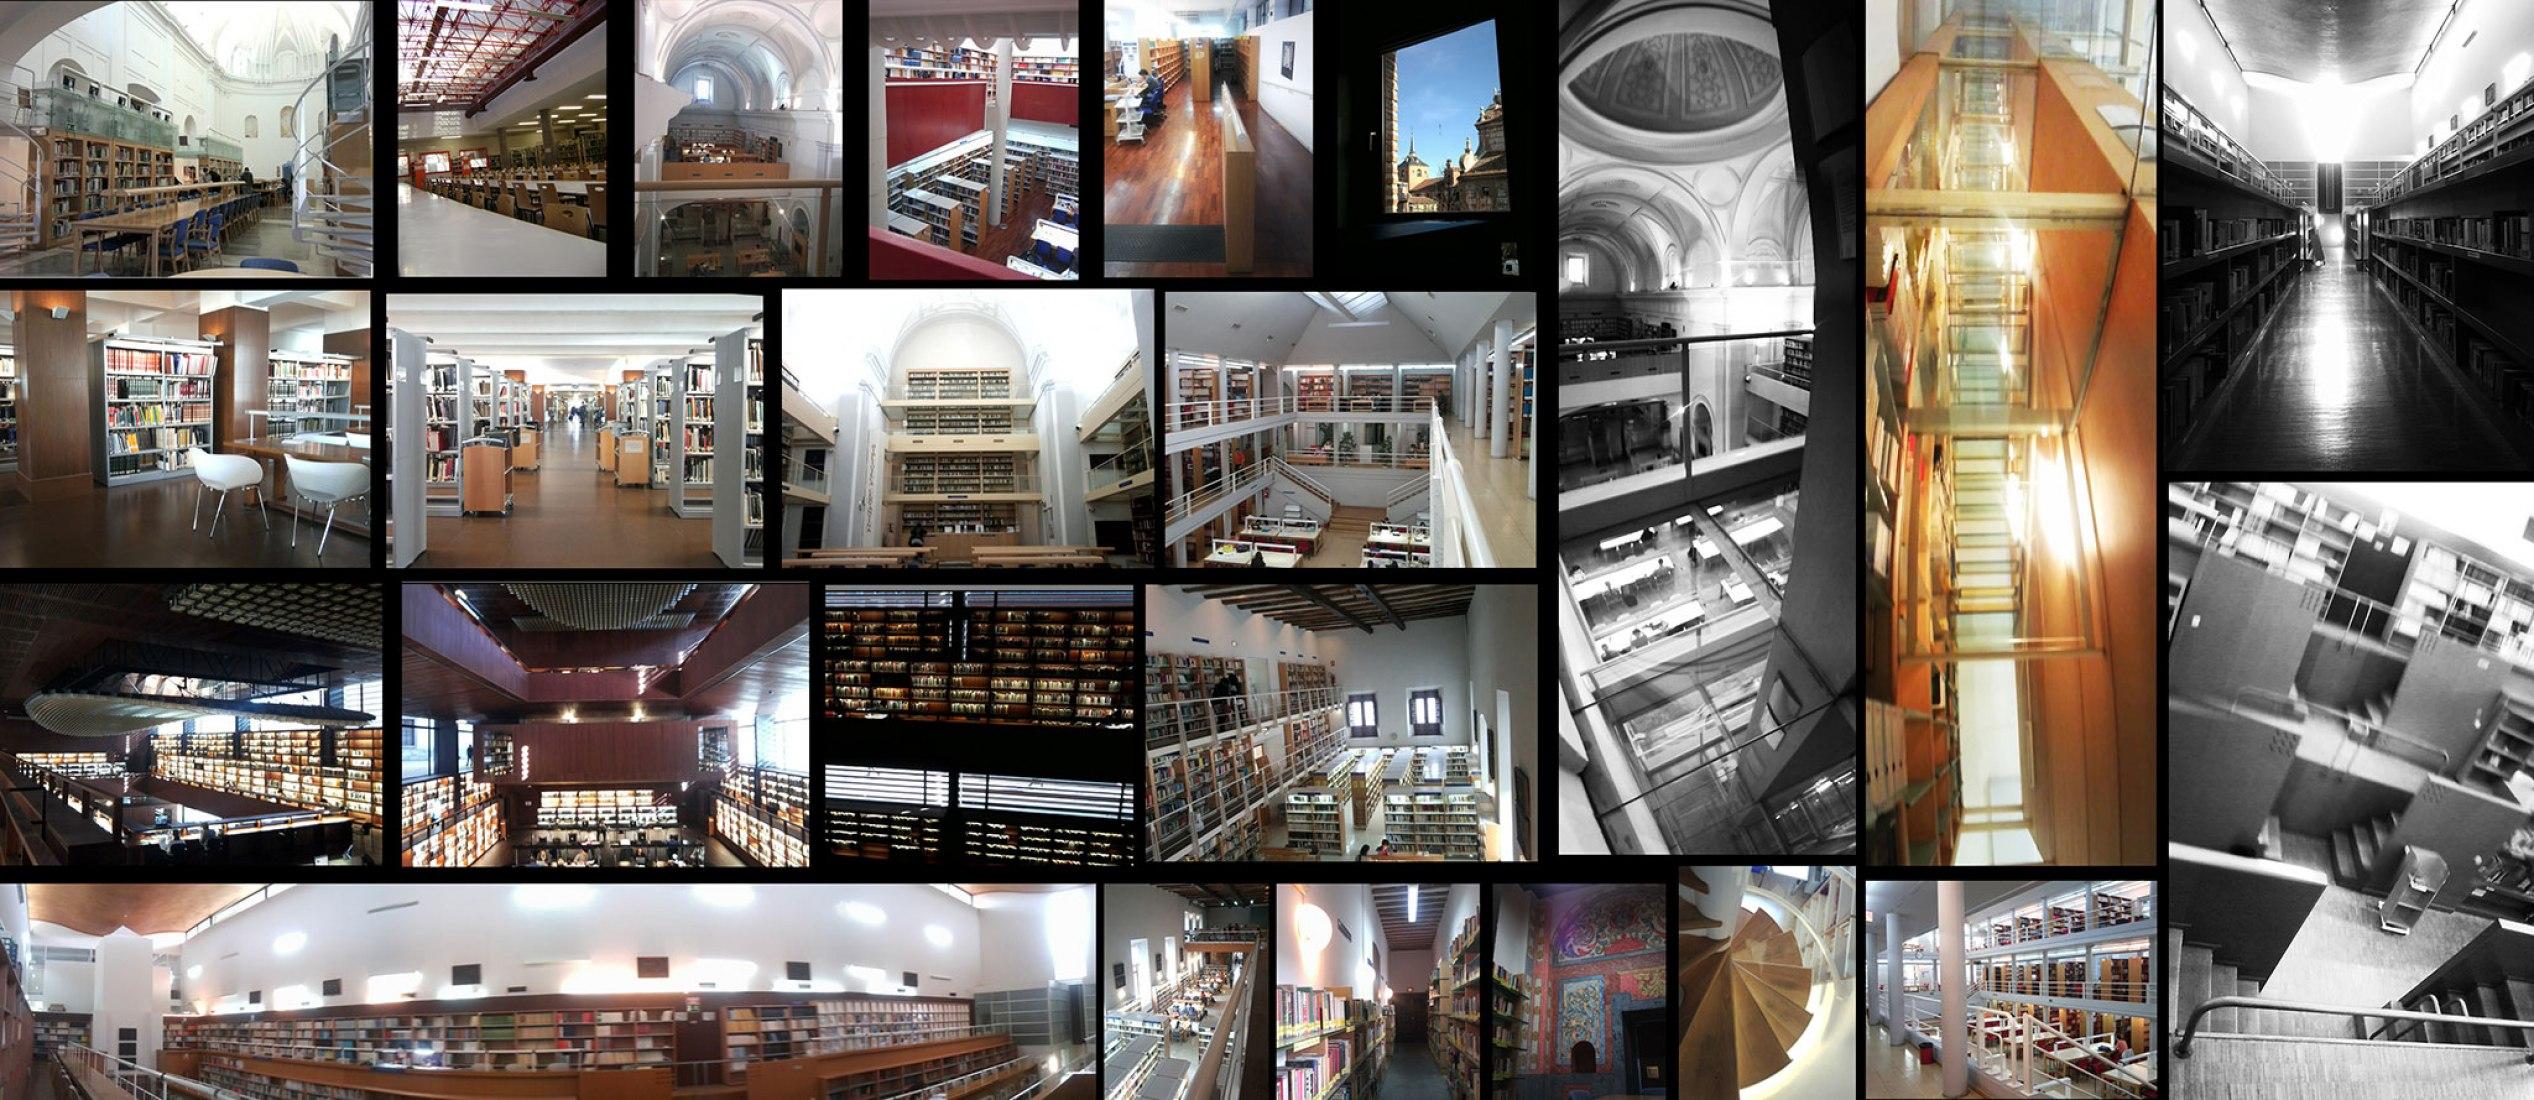 Some photos of the collection © Verónica Rosero.